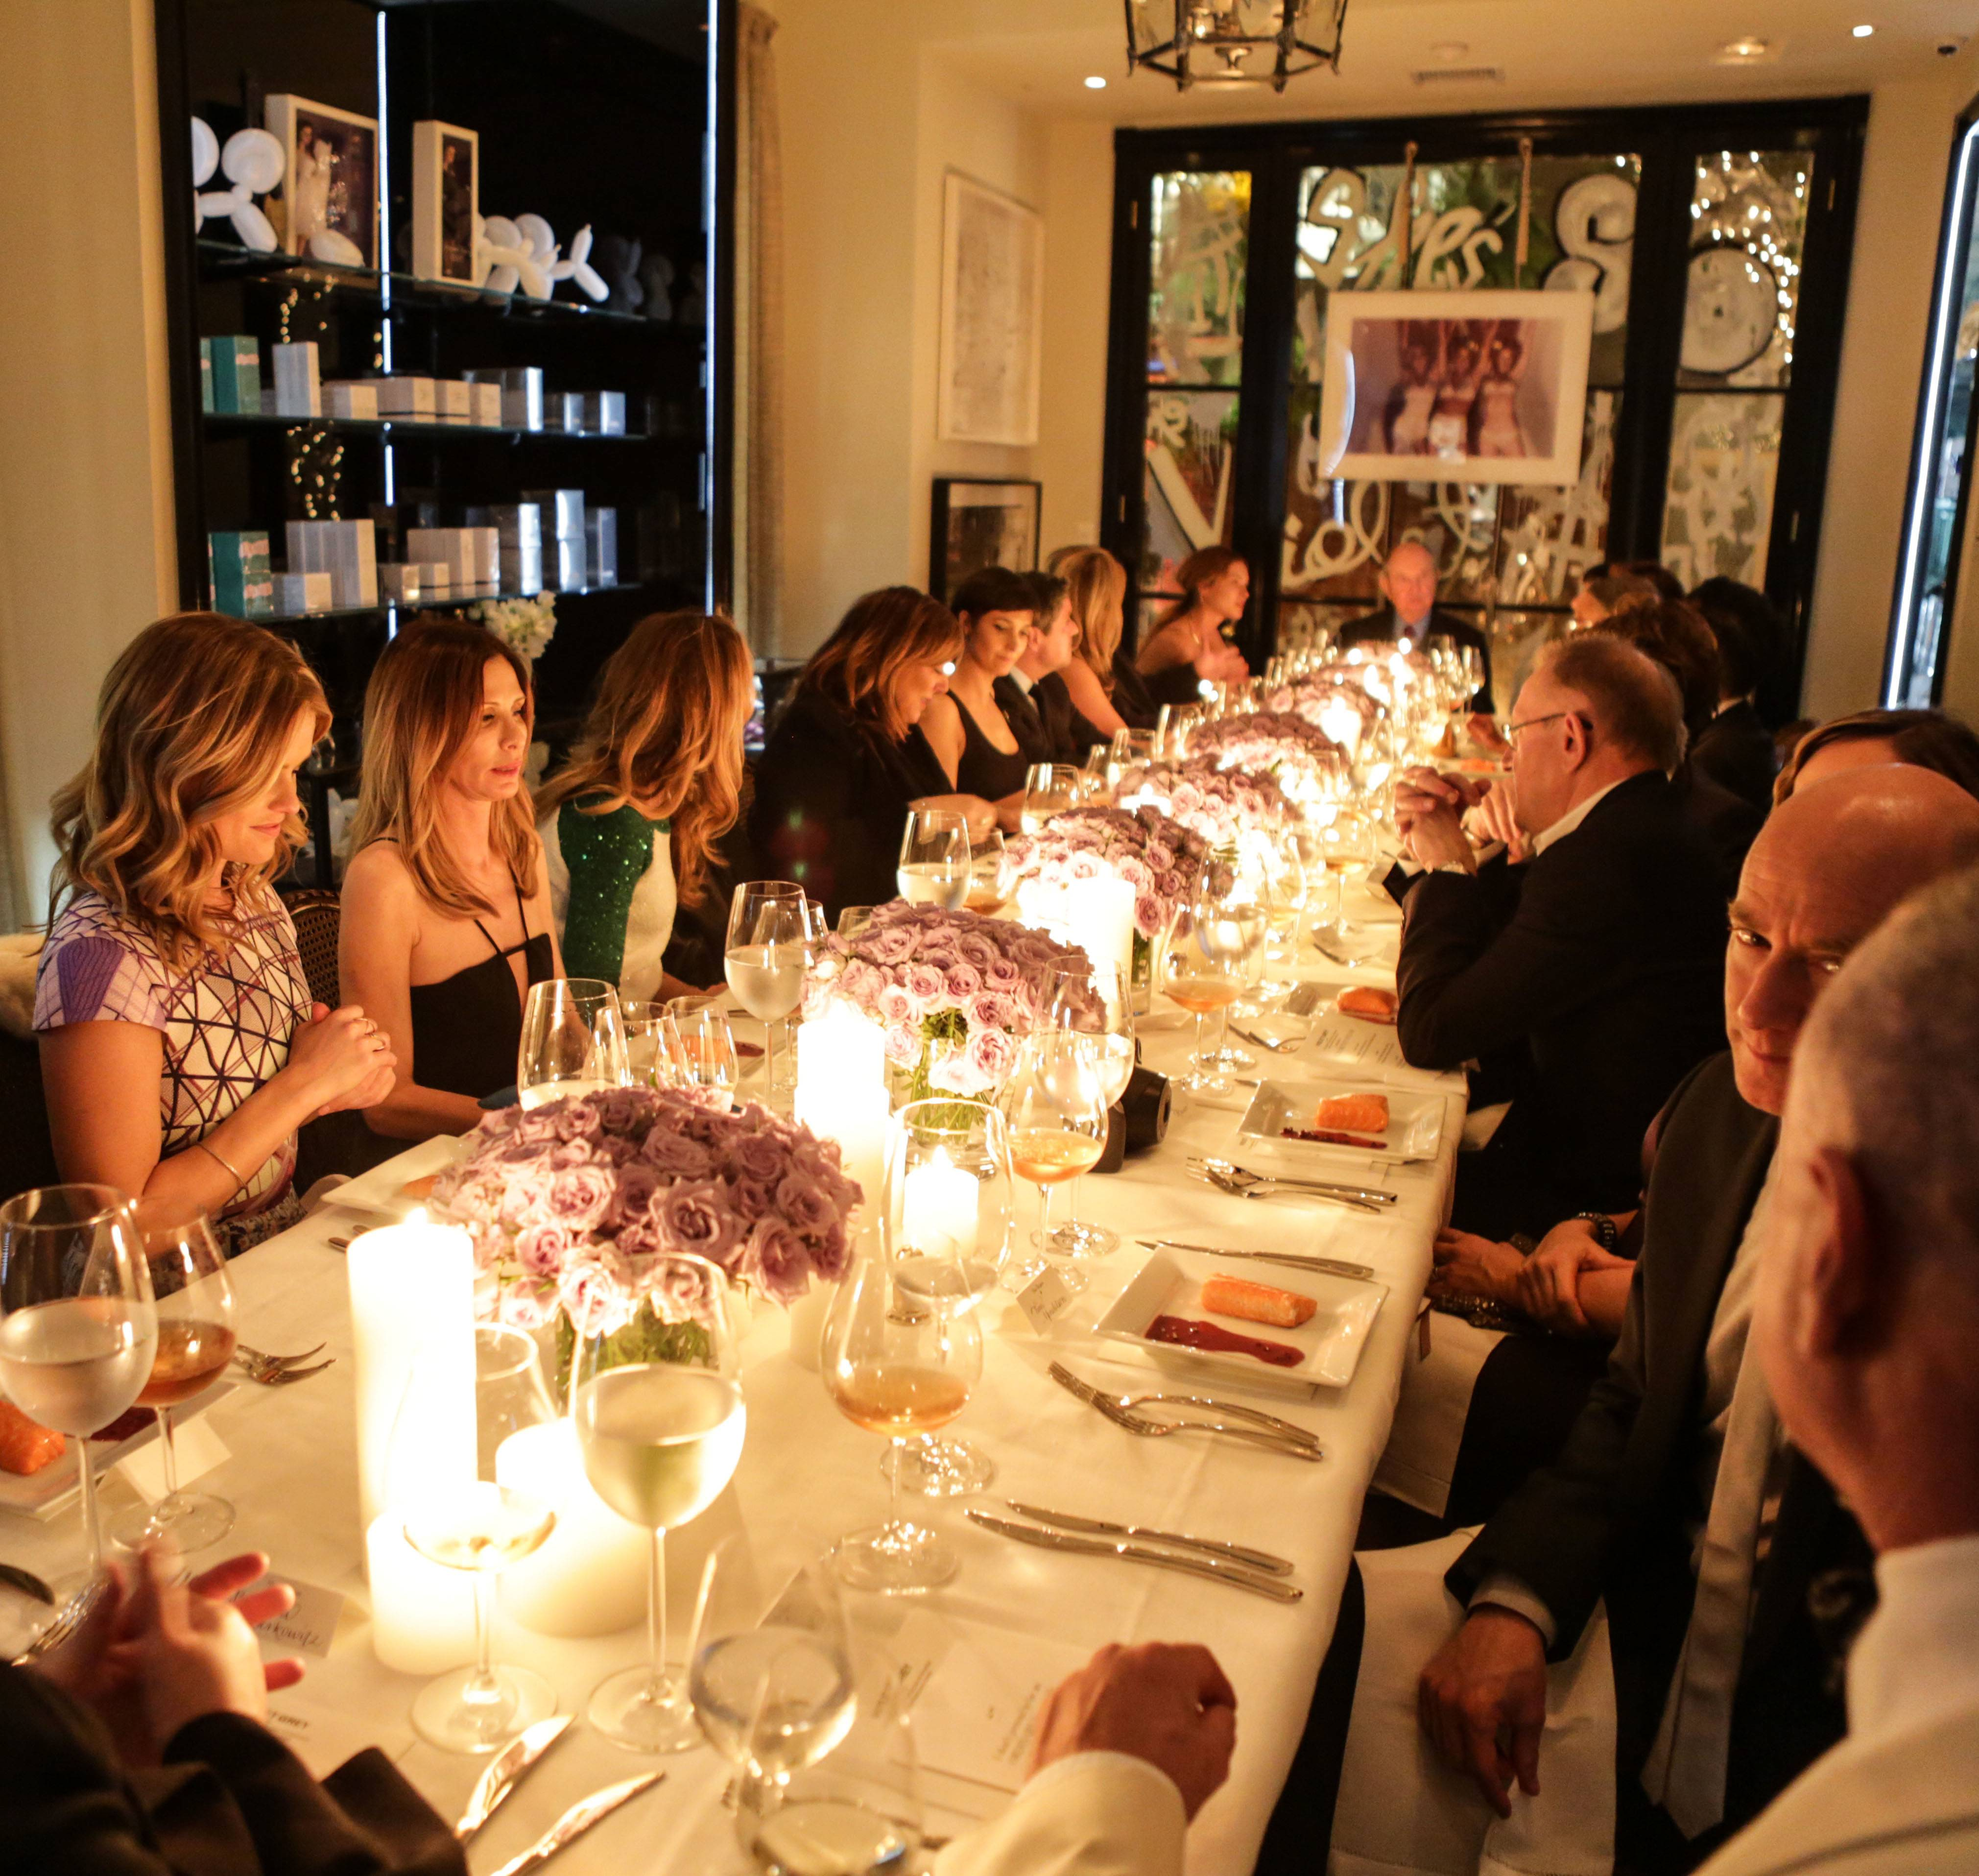 VioletGrey_She's So Violet Salon Dinner_Elizabeth Taylor_Atmosphere3